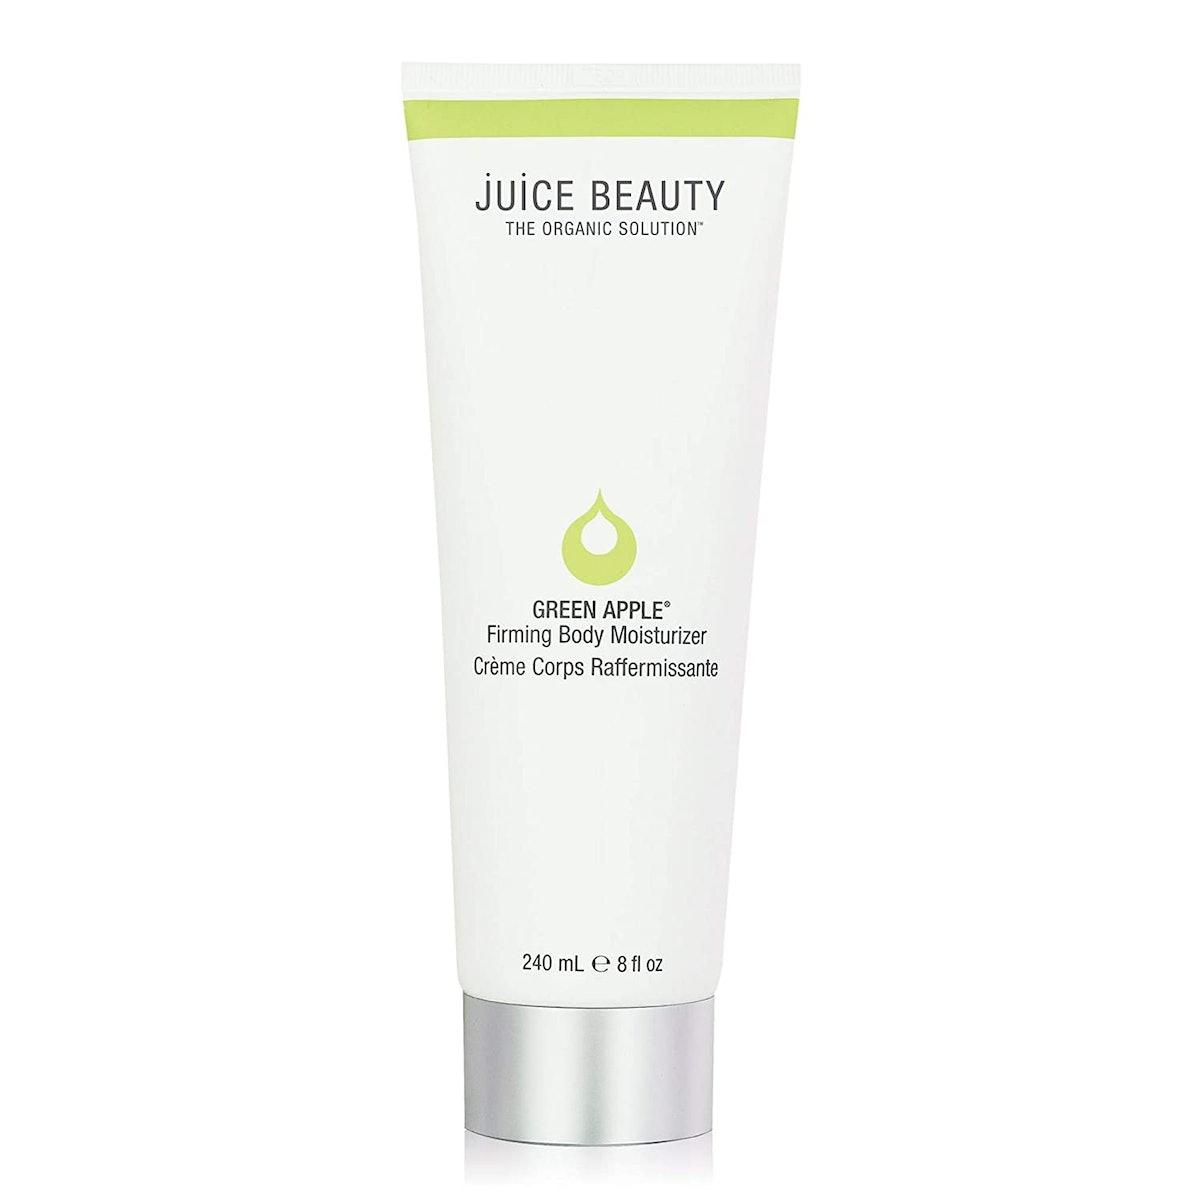 Juice Beauty Green Apple Firming Body Moisturizer